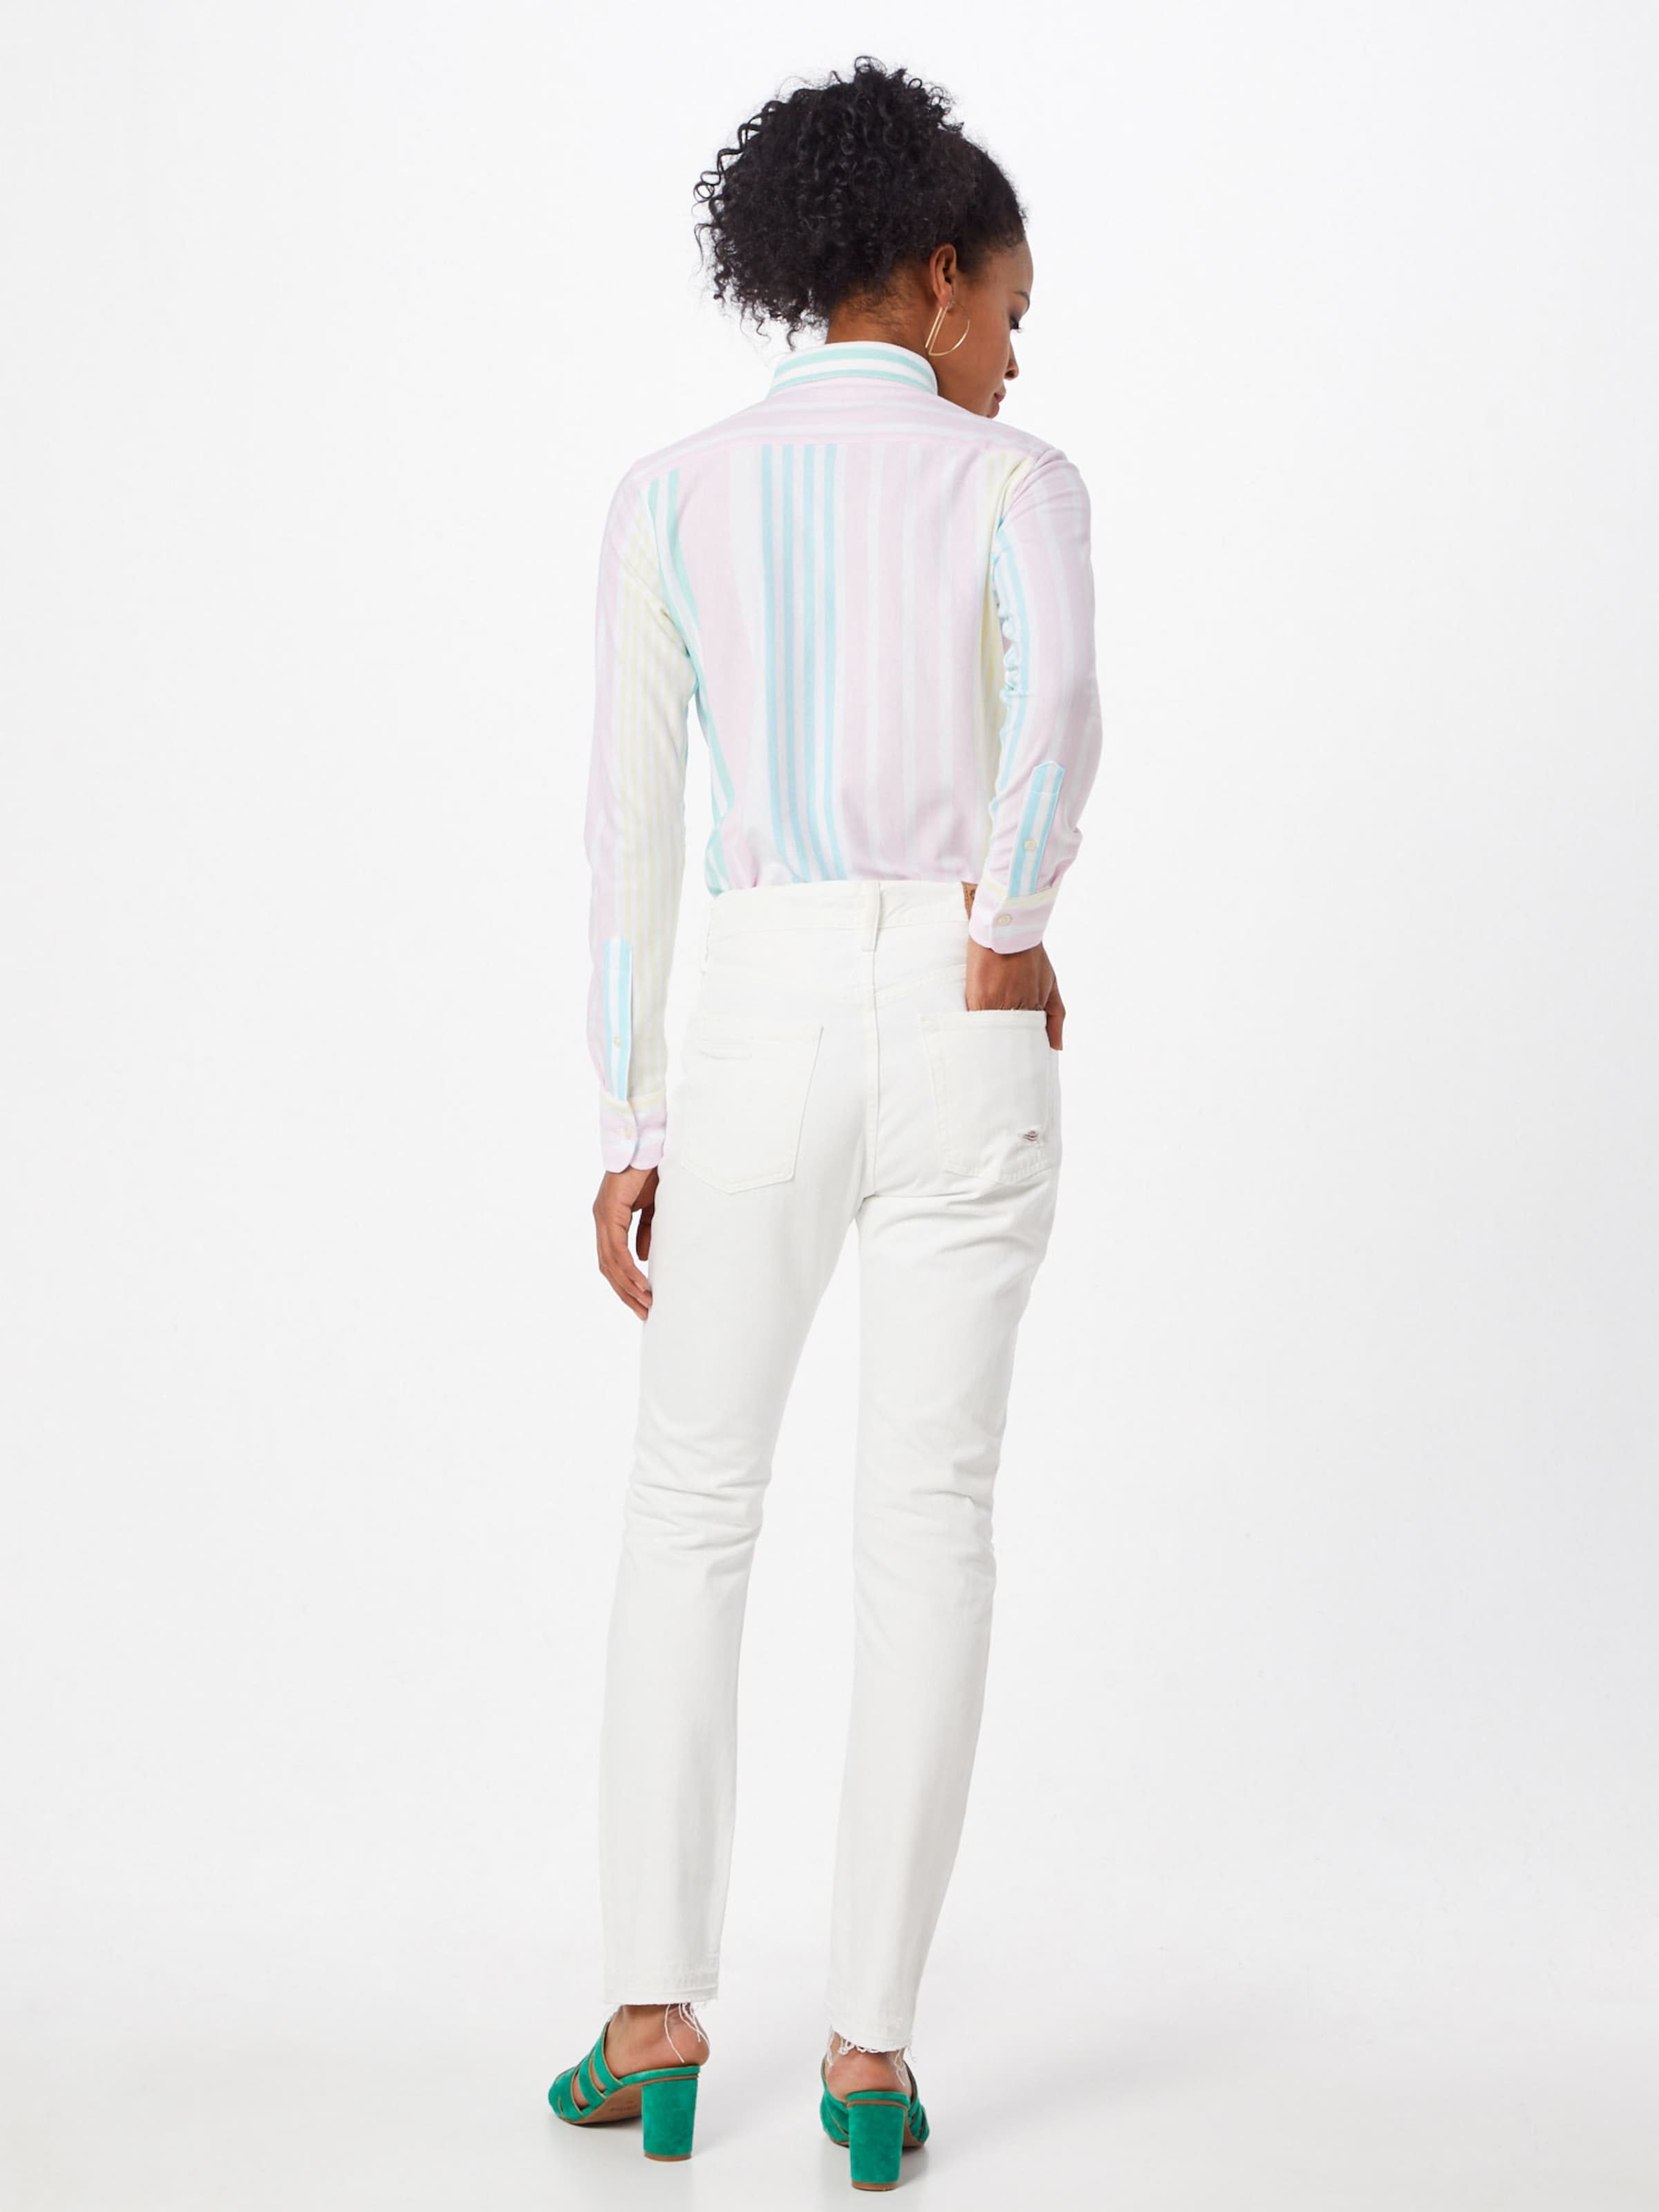 Hr 'calln Lauren Jeans In Slm slim Ralph denim' Weiß Polo m80vNwOn